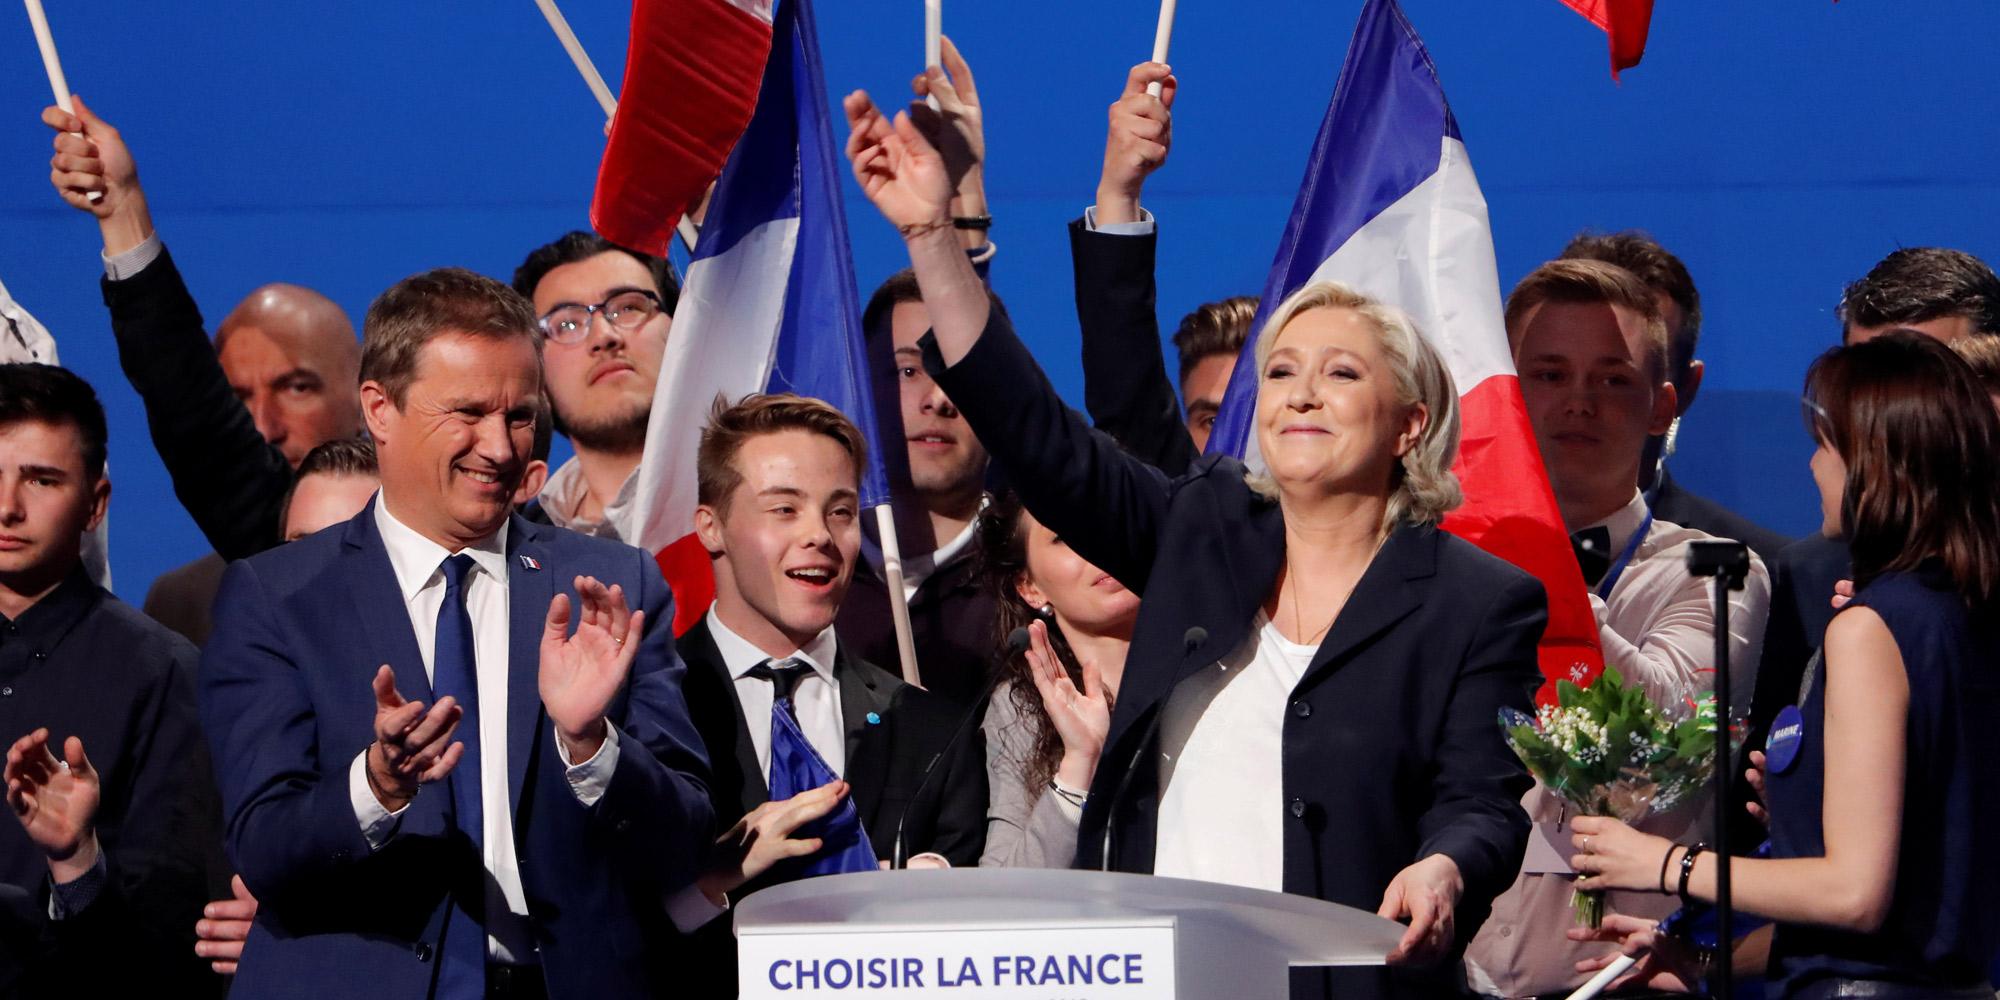 Alliance des patriotes, mais sans le RN : l'impasse Dupont-Aignan